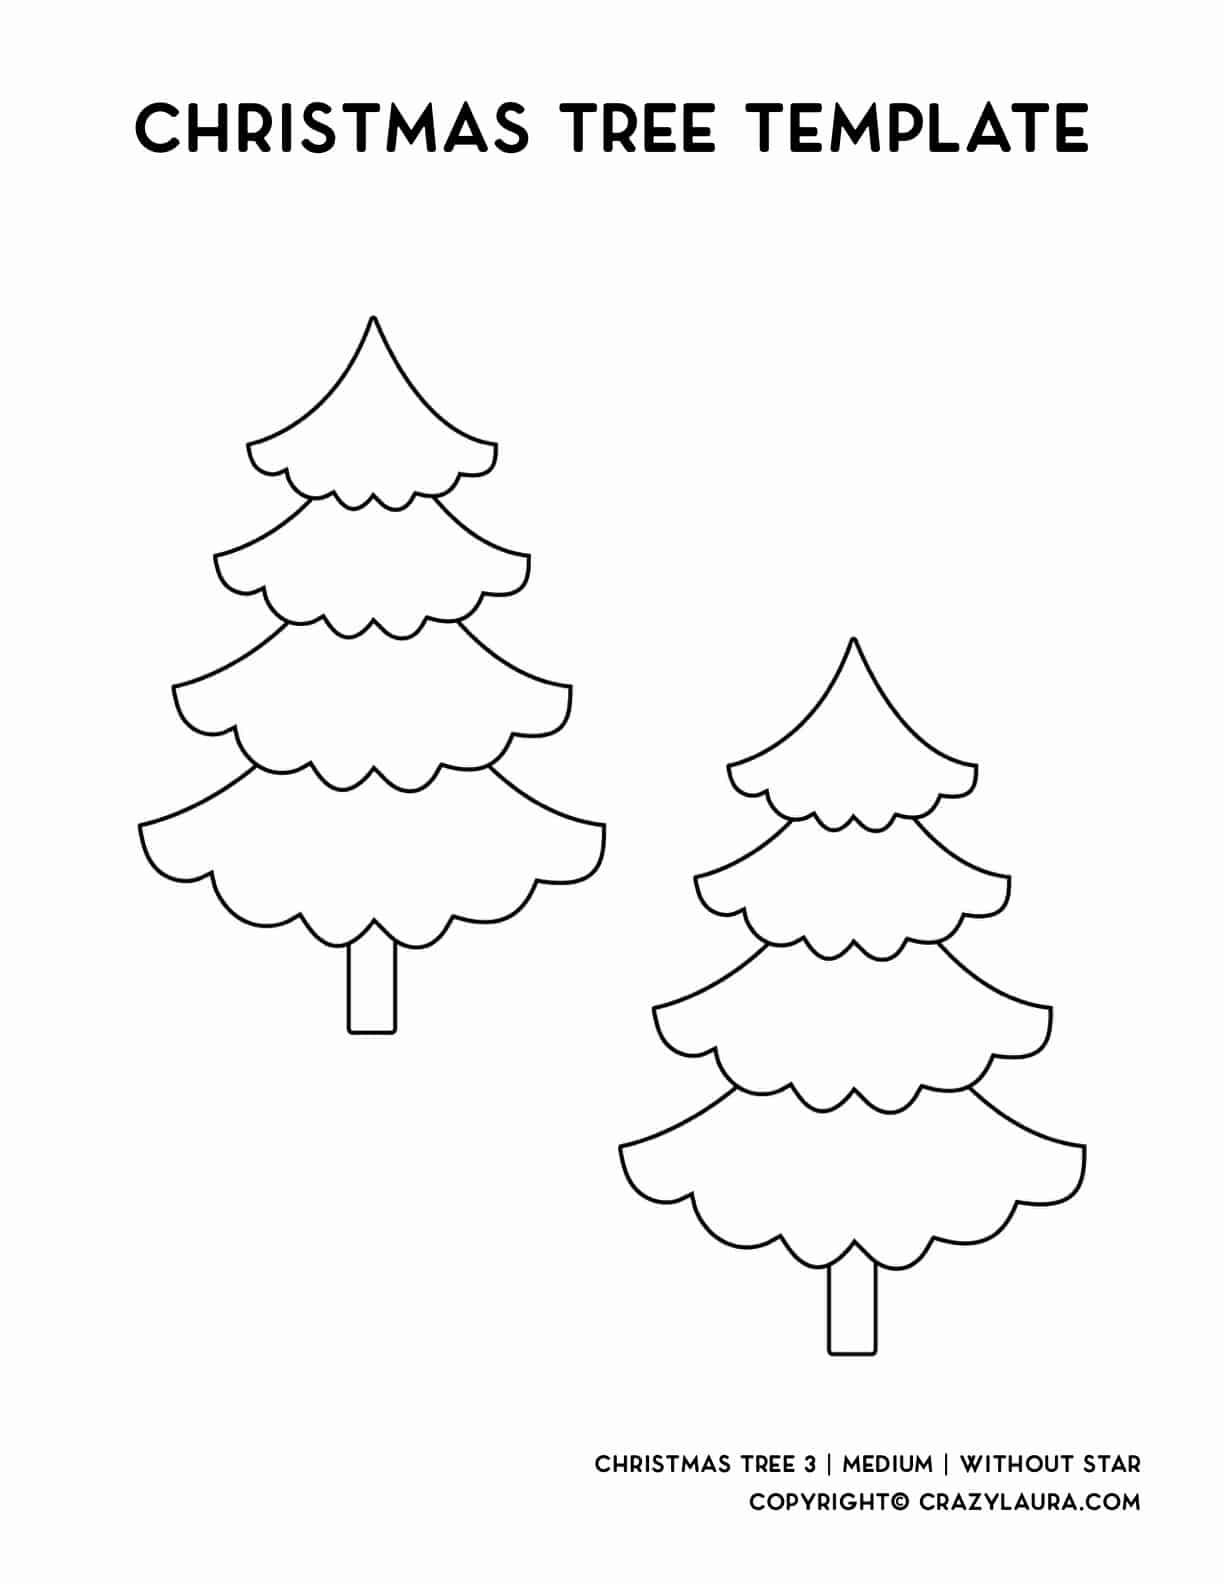 pdf printable of xmas tree